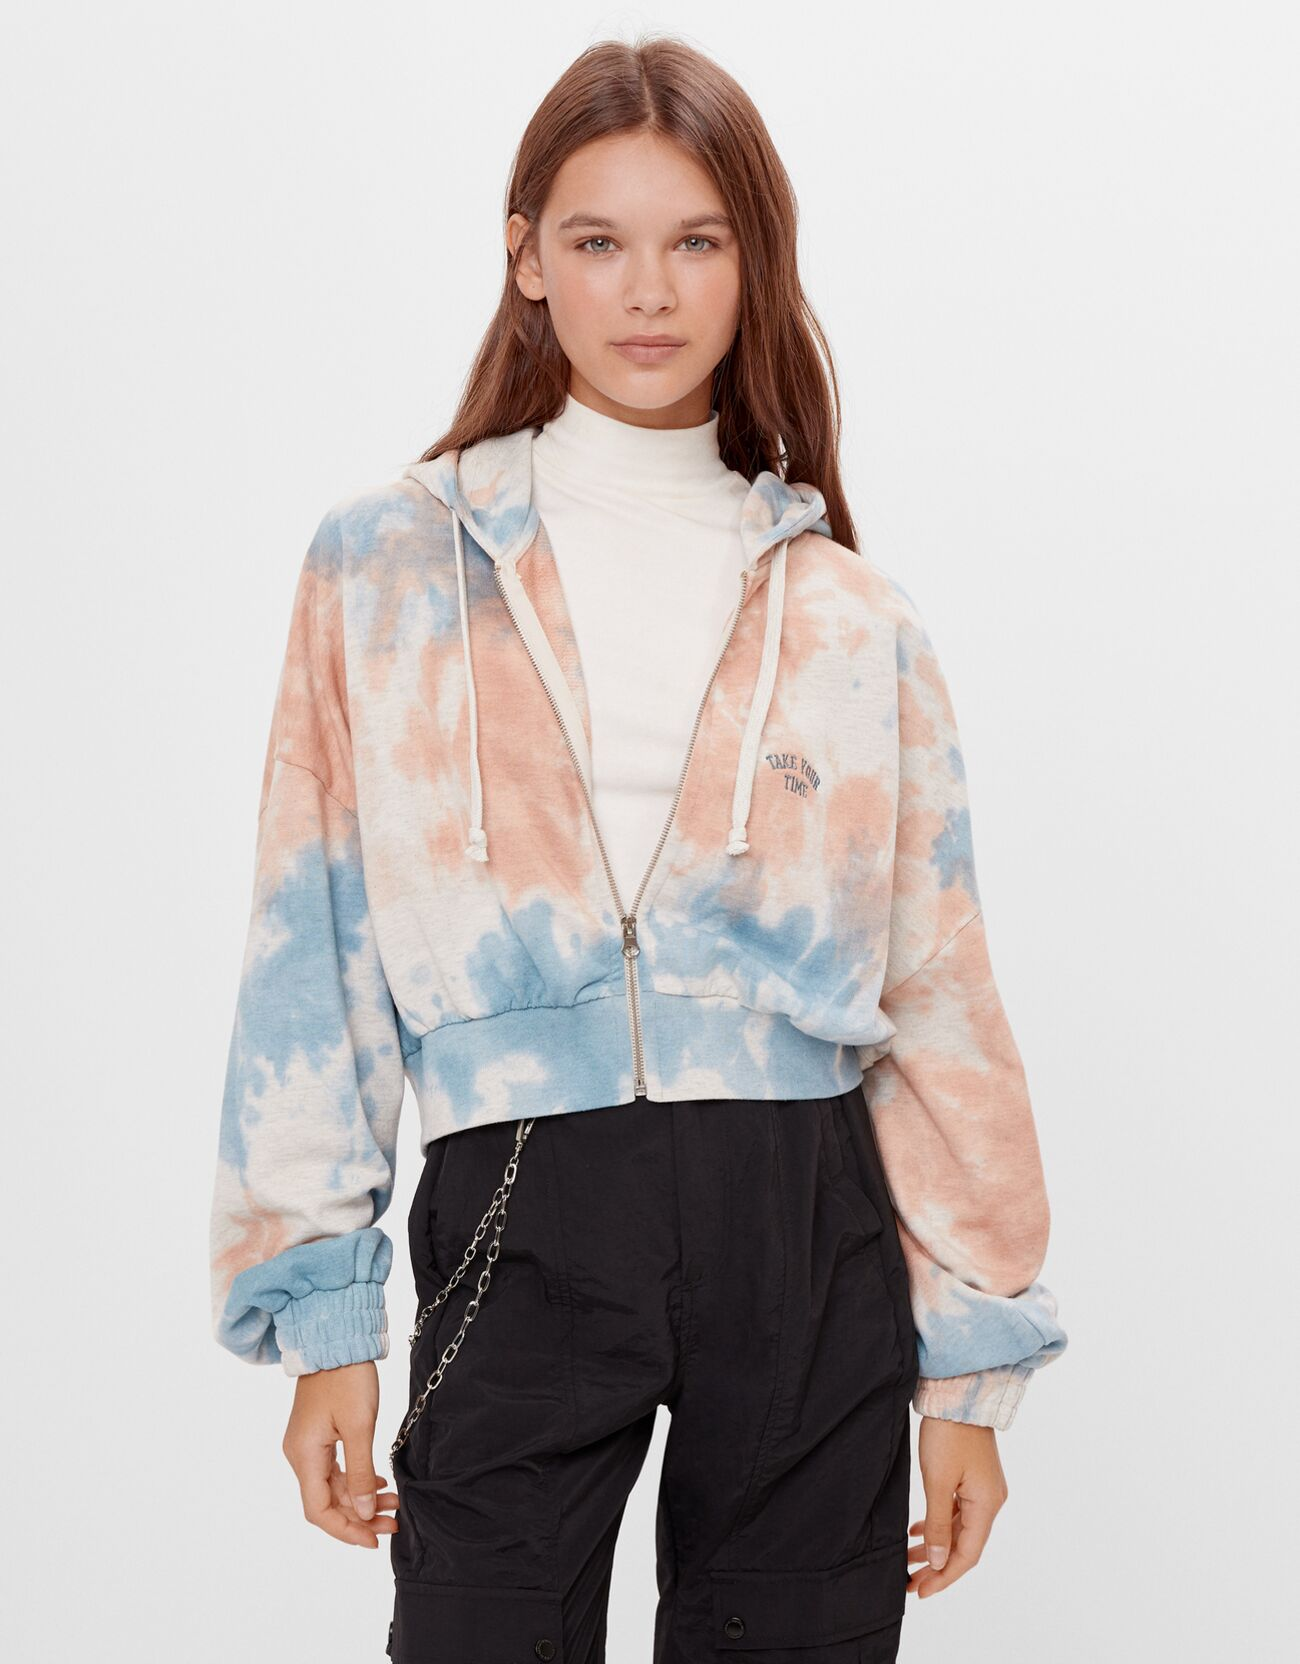 bershka -  Jacke Mit Tie-Dye-Print Und Kapuze Damen L Ausgewaschenes Blau